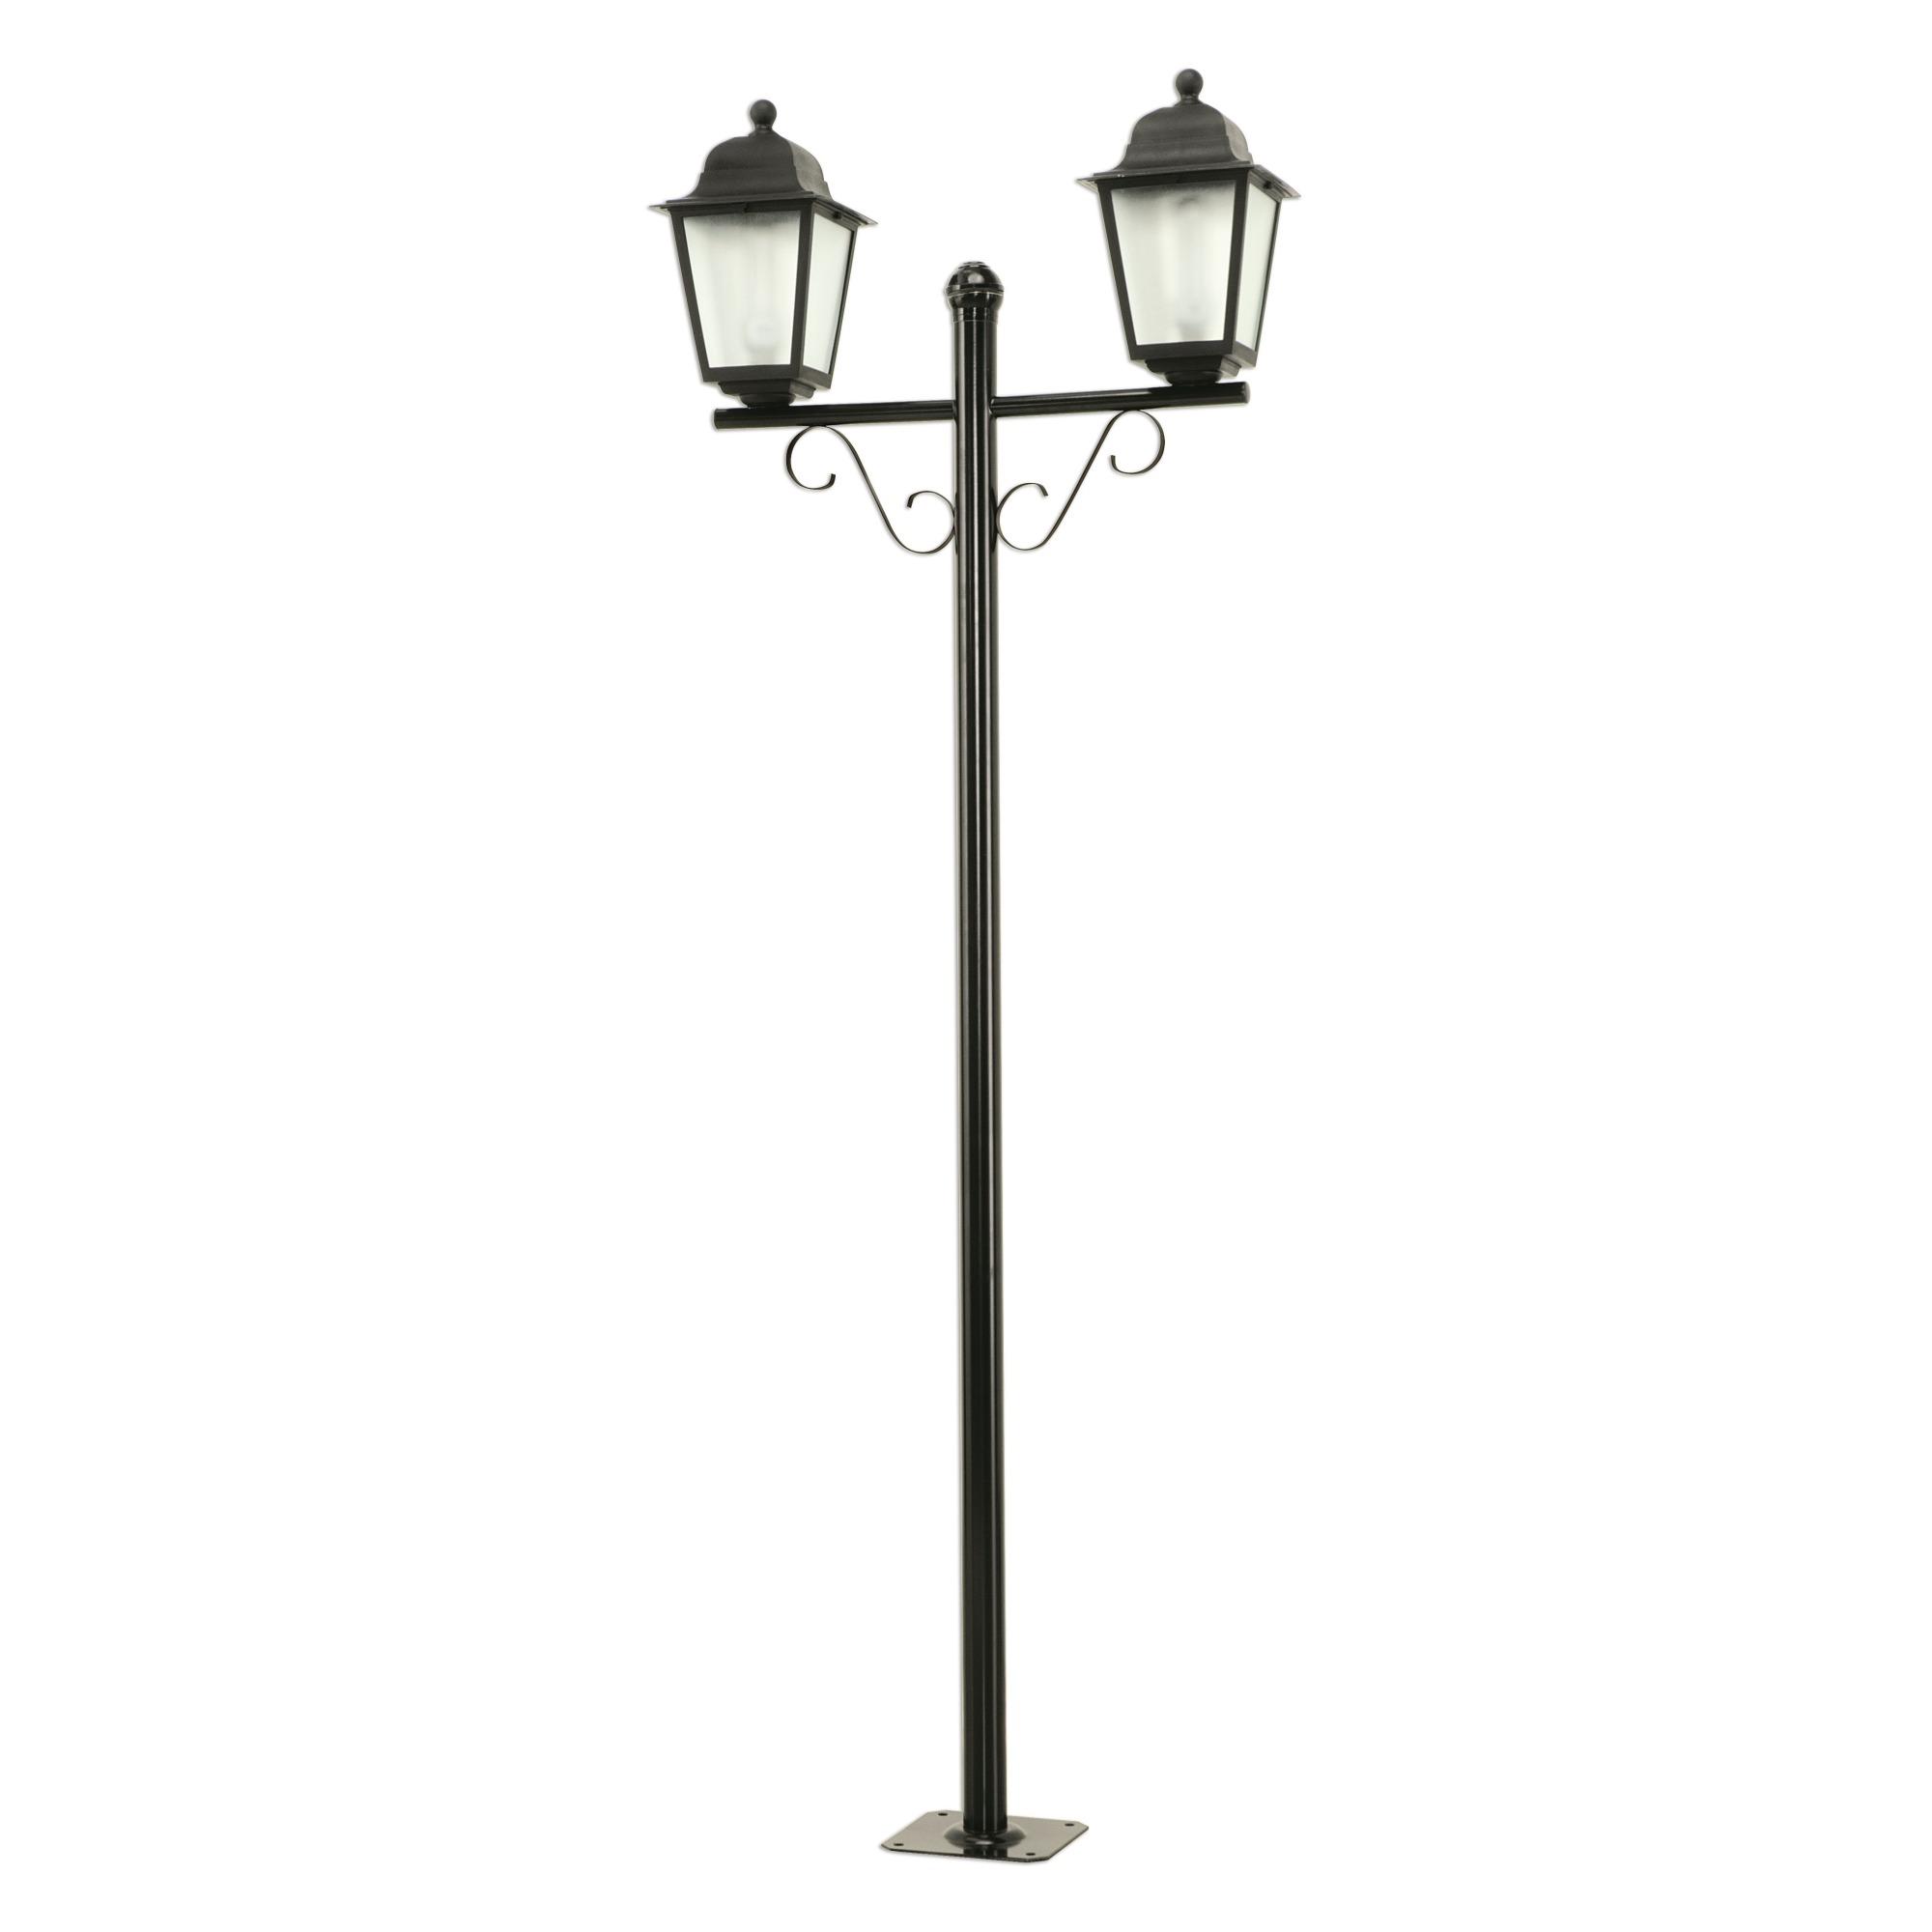 Poste de Aluminio Preto Completo 2 Lampadas 204m 117 - Dital